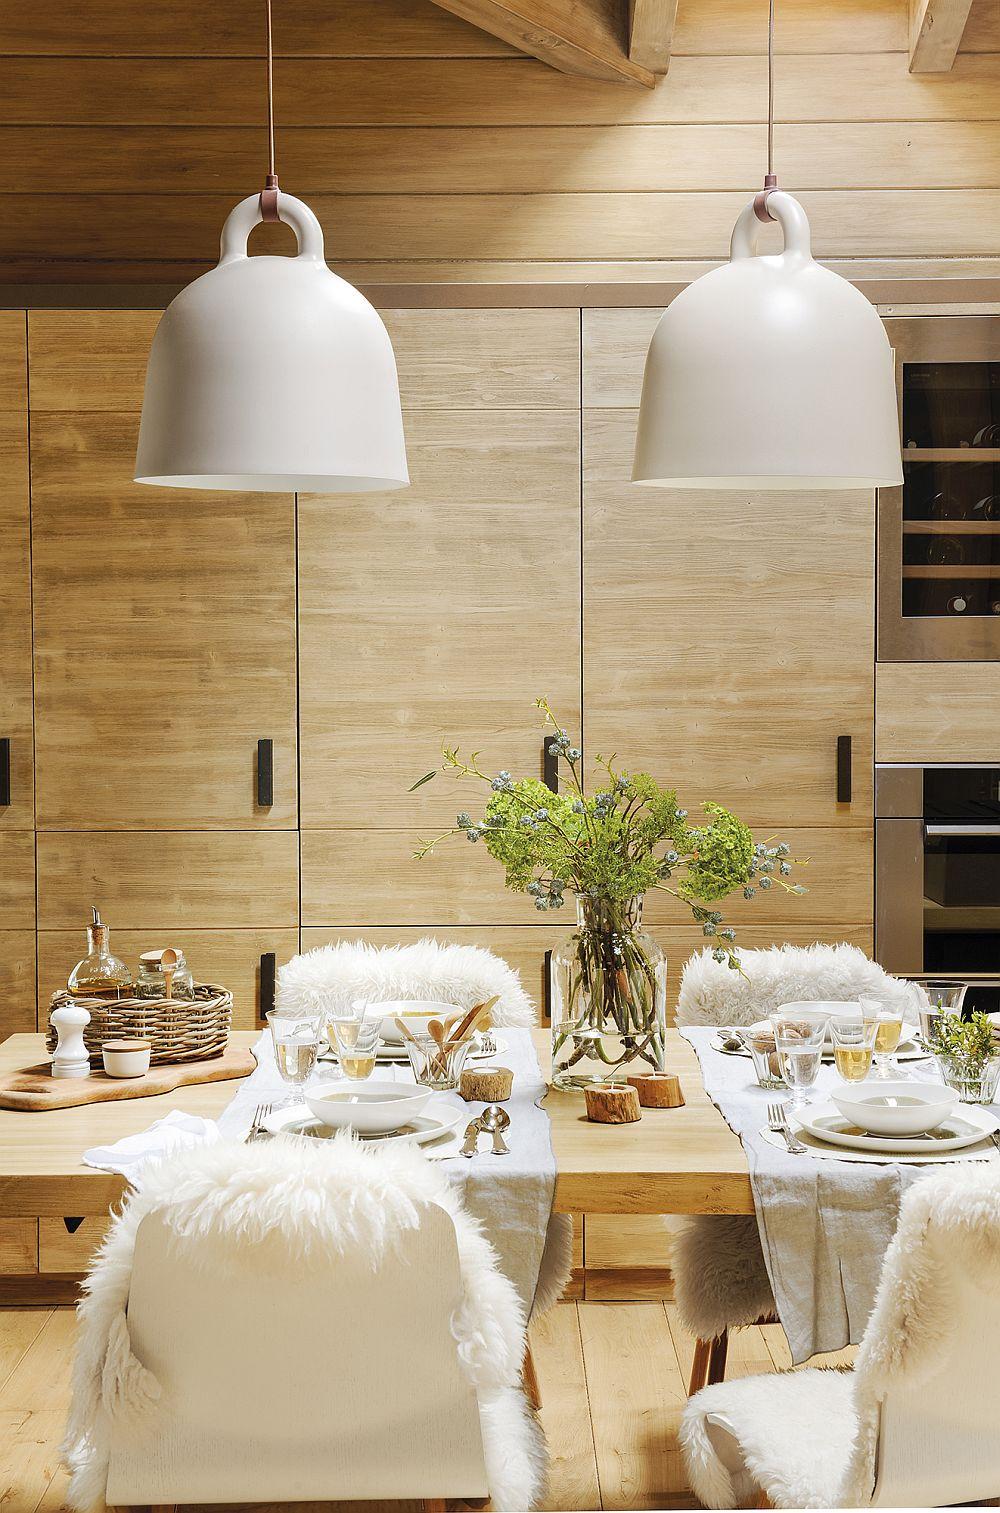 Accente de alb contează mult în atmosfera generală a zonei de zi. Astfel, corpurile de iluminat de deasupra mesei, precum și î,brăcamintea scaunelor, aduc o notă de calm într-un contrast delicat cu lemnul care predomină suprafețele.